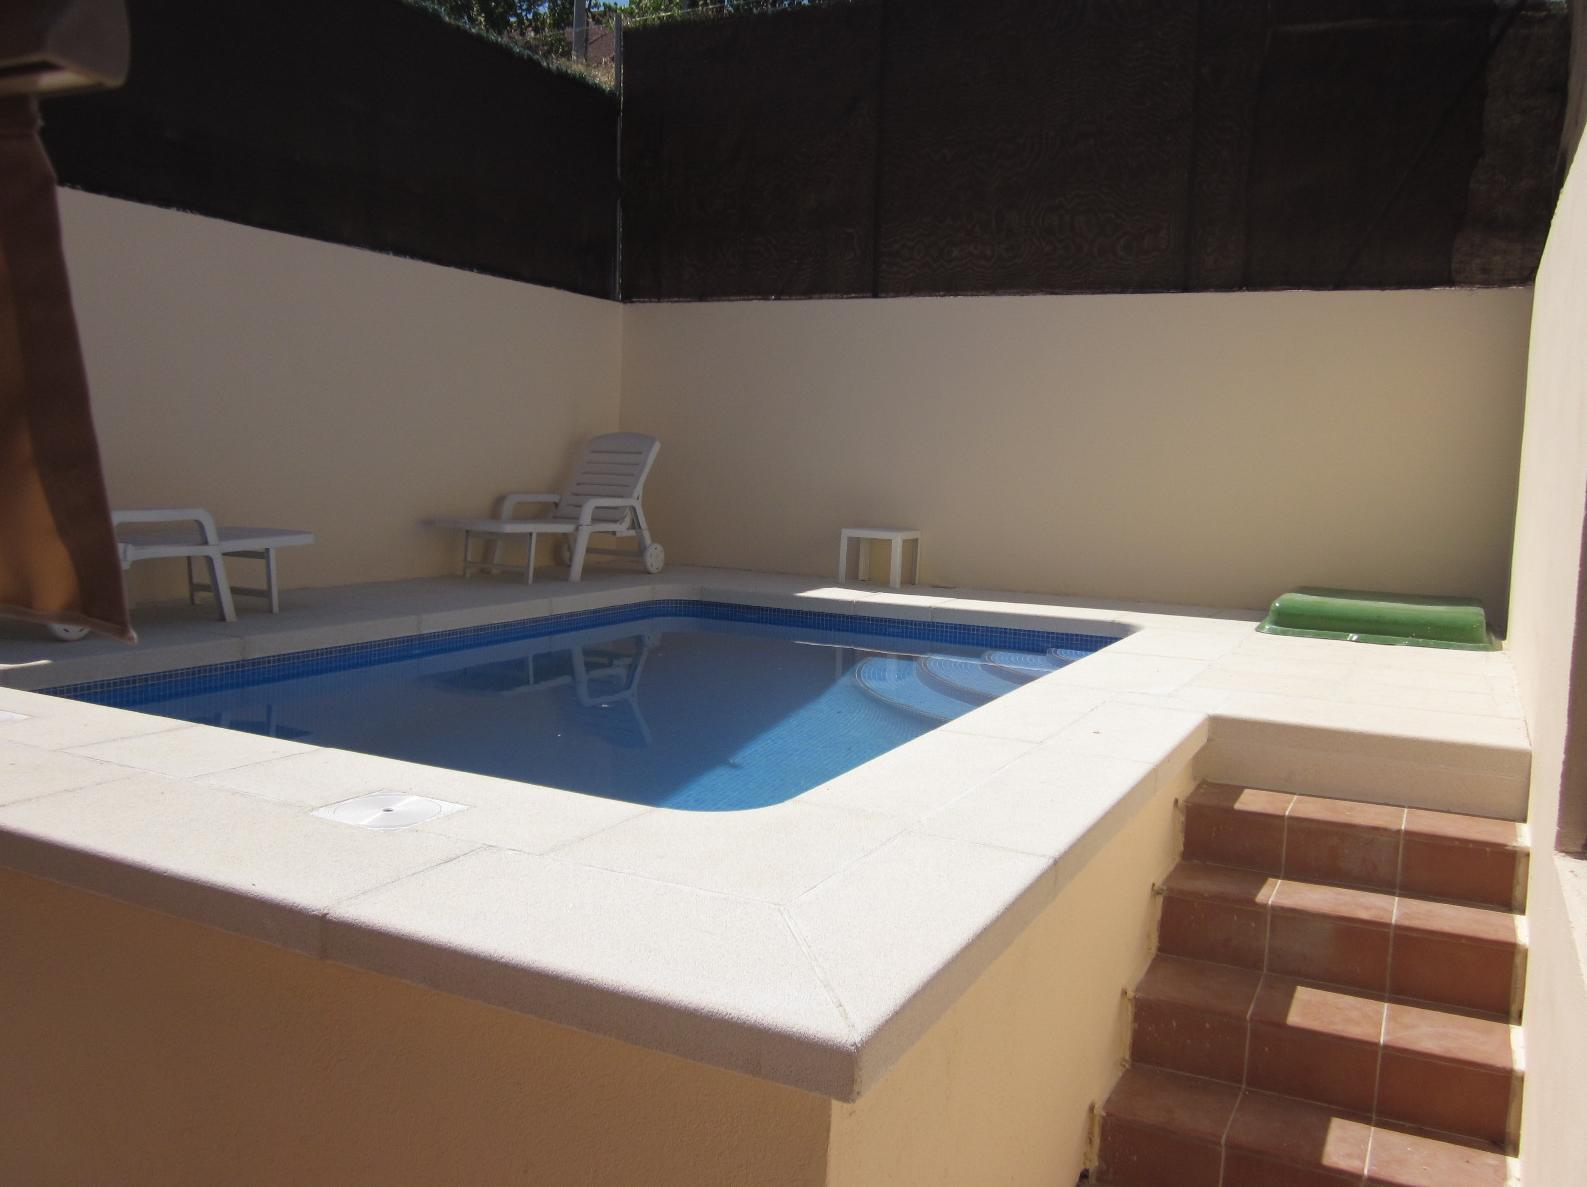 Piscinas de obra piscinas y accesorios de ardigral for Piscina elevada obra